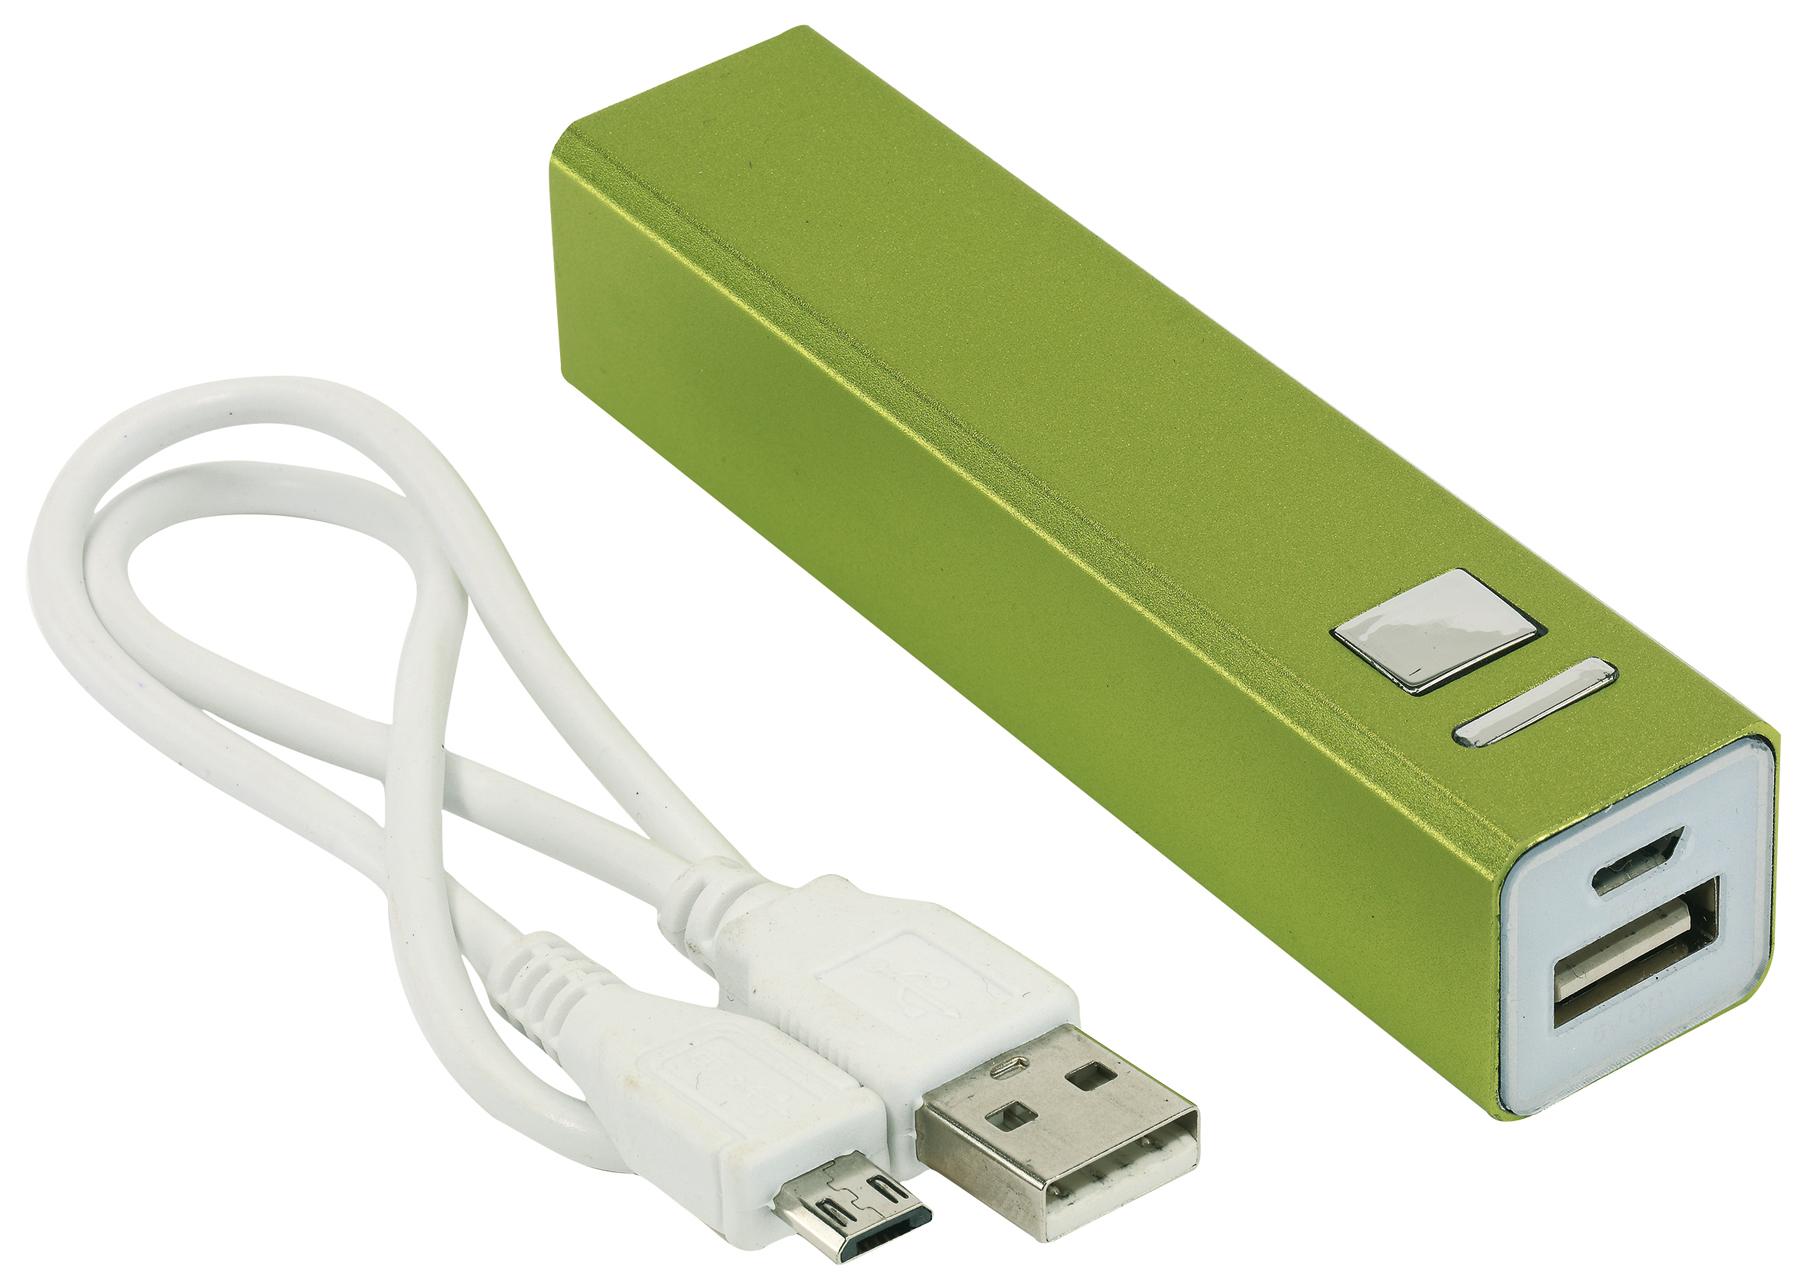 Powerbank za smartphone, svjetlo zeleni, 2200mAh